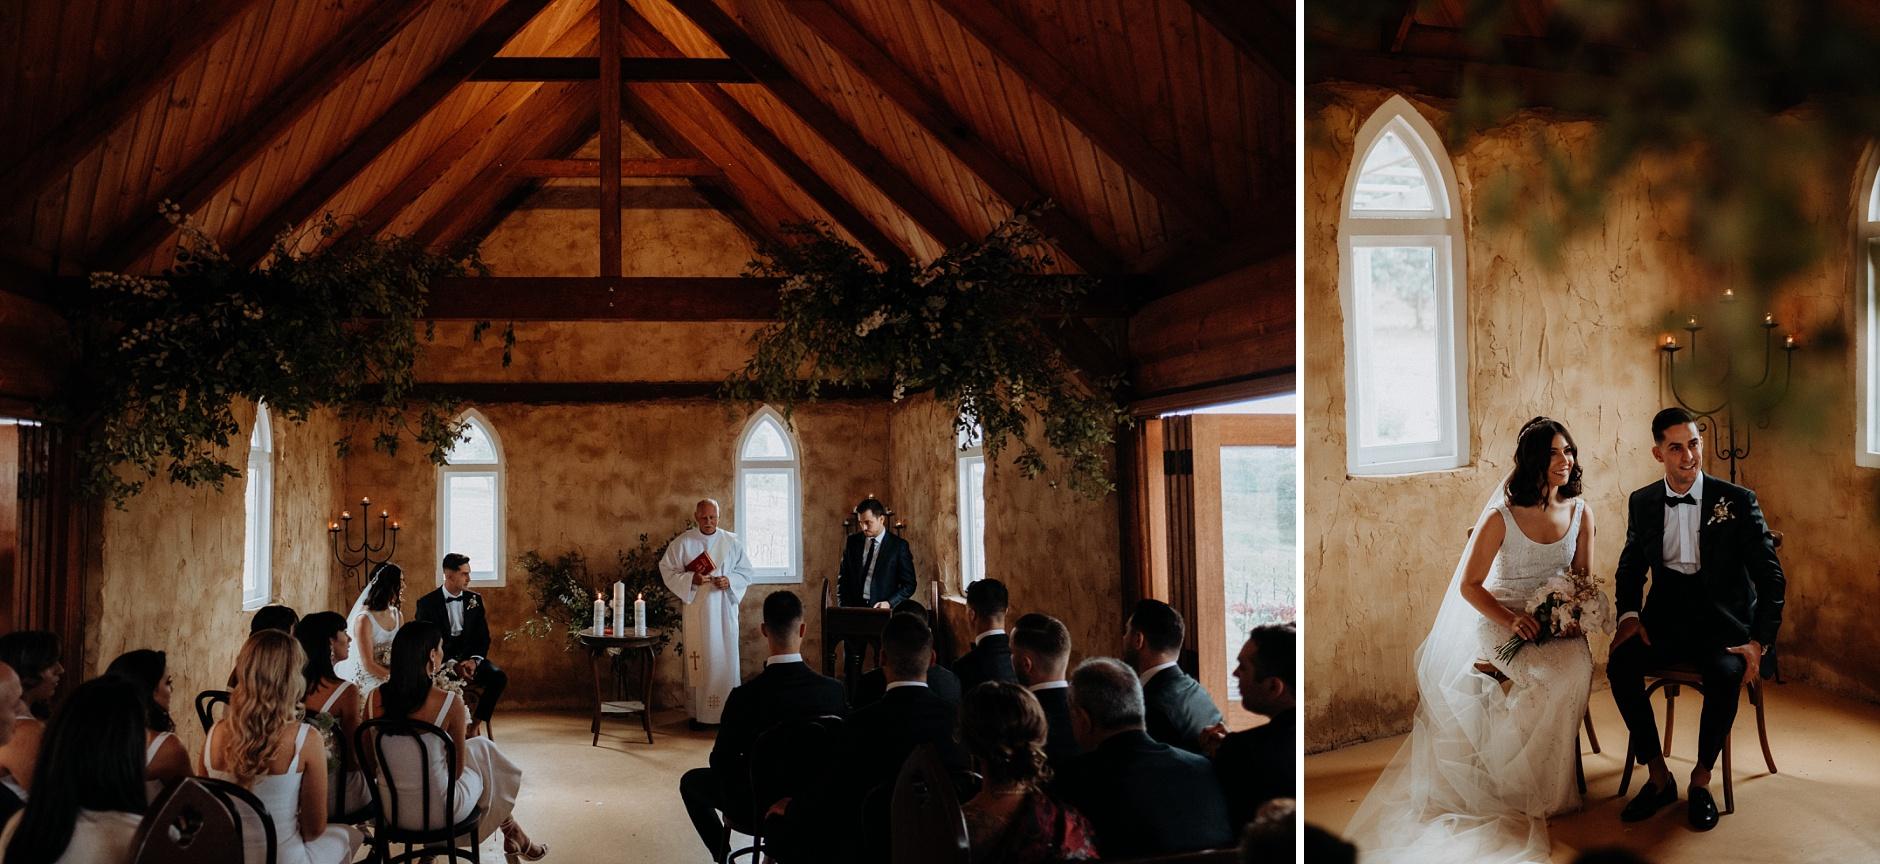 cassandra&cameron0406a_Peppers-Creek-Wedding-1.jpg